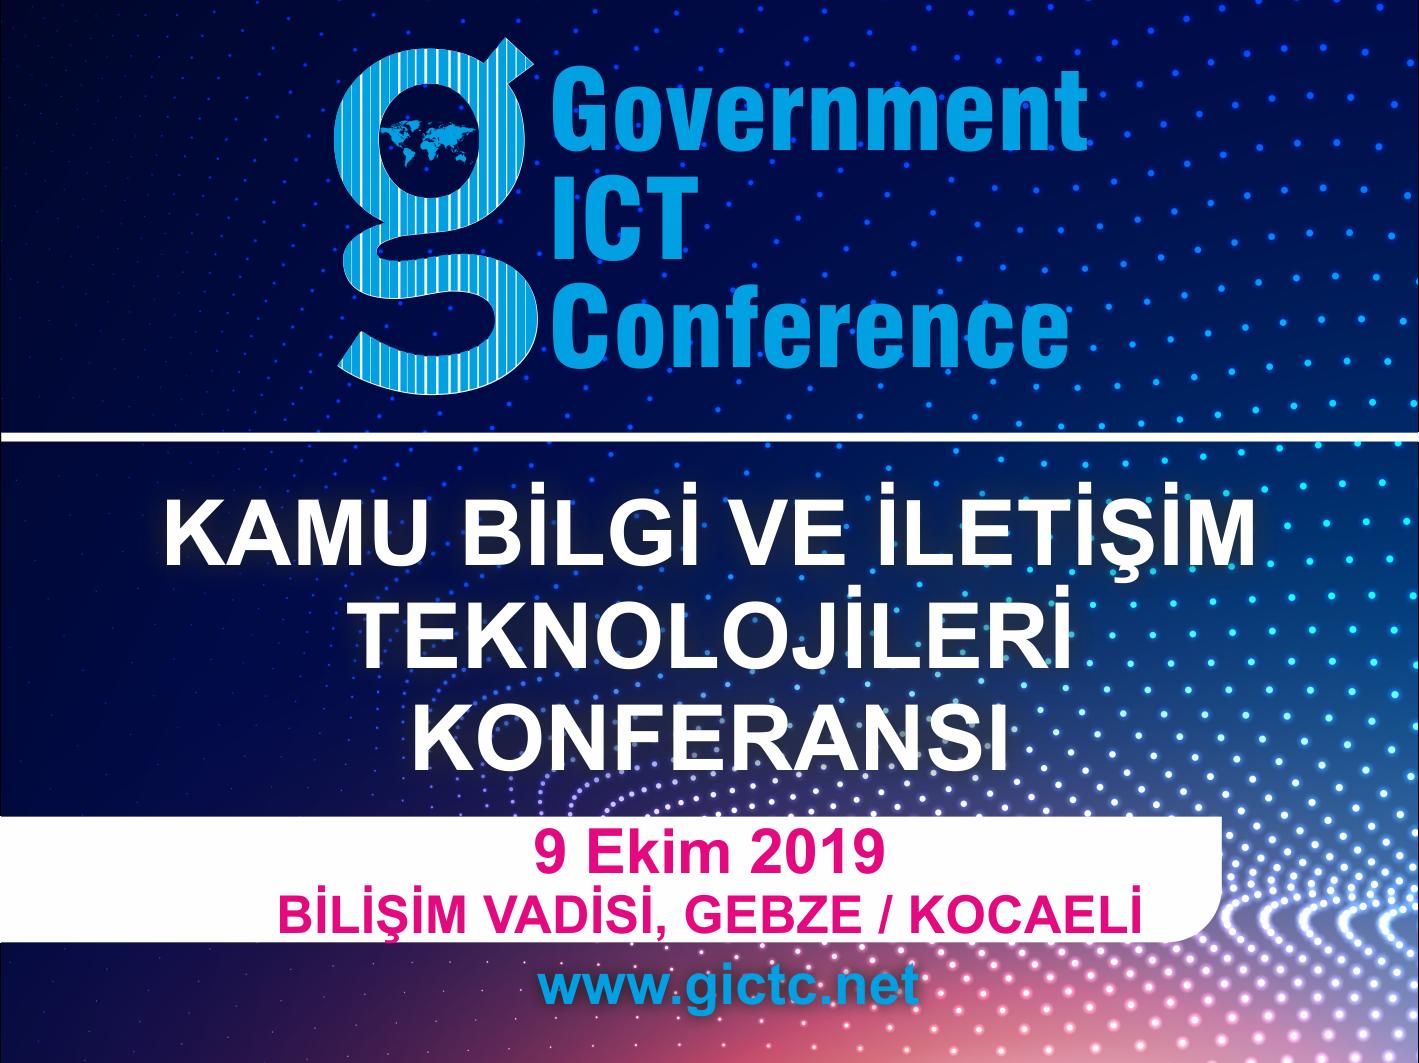 Kamu Bilgi ve İletişim Teknolojileri Konferansı Ekim'de gerçekleşecek